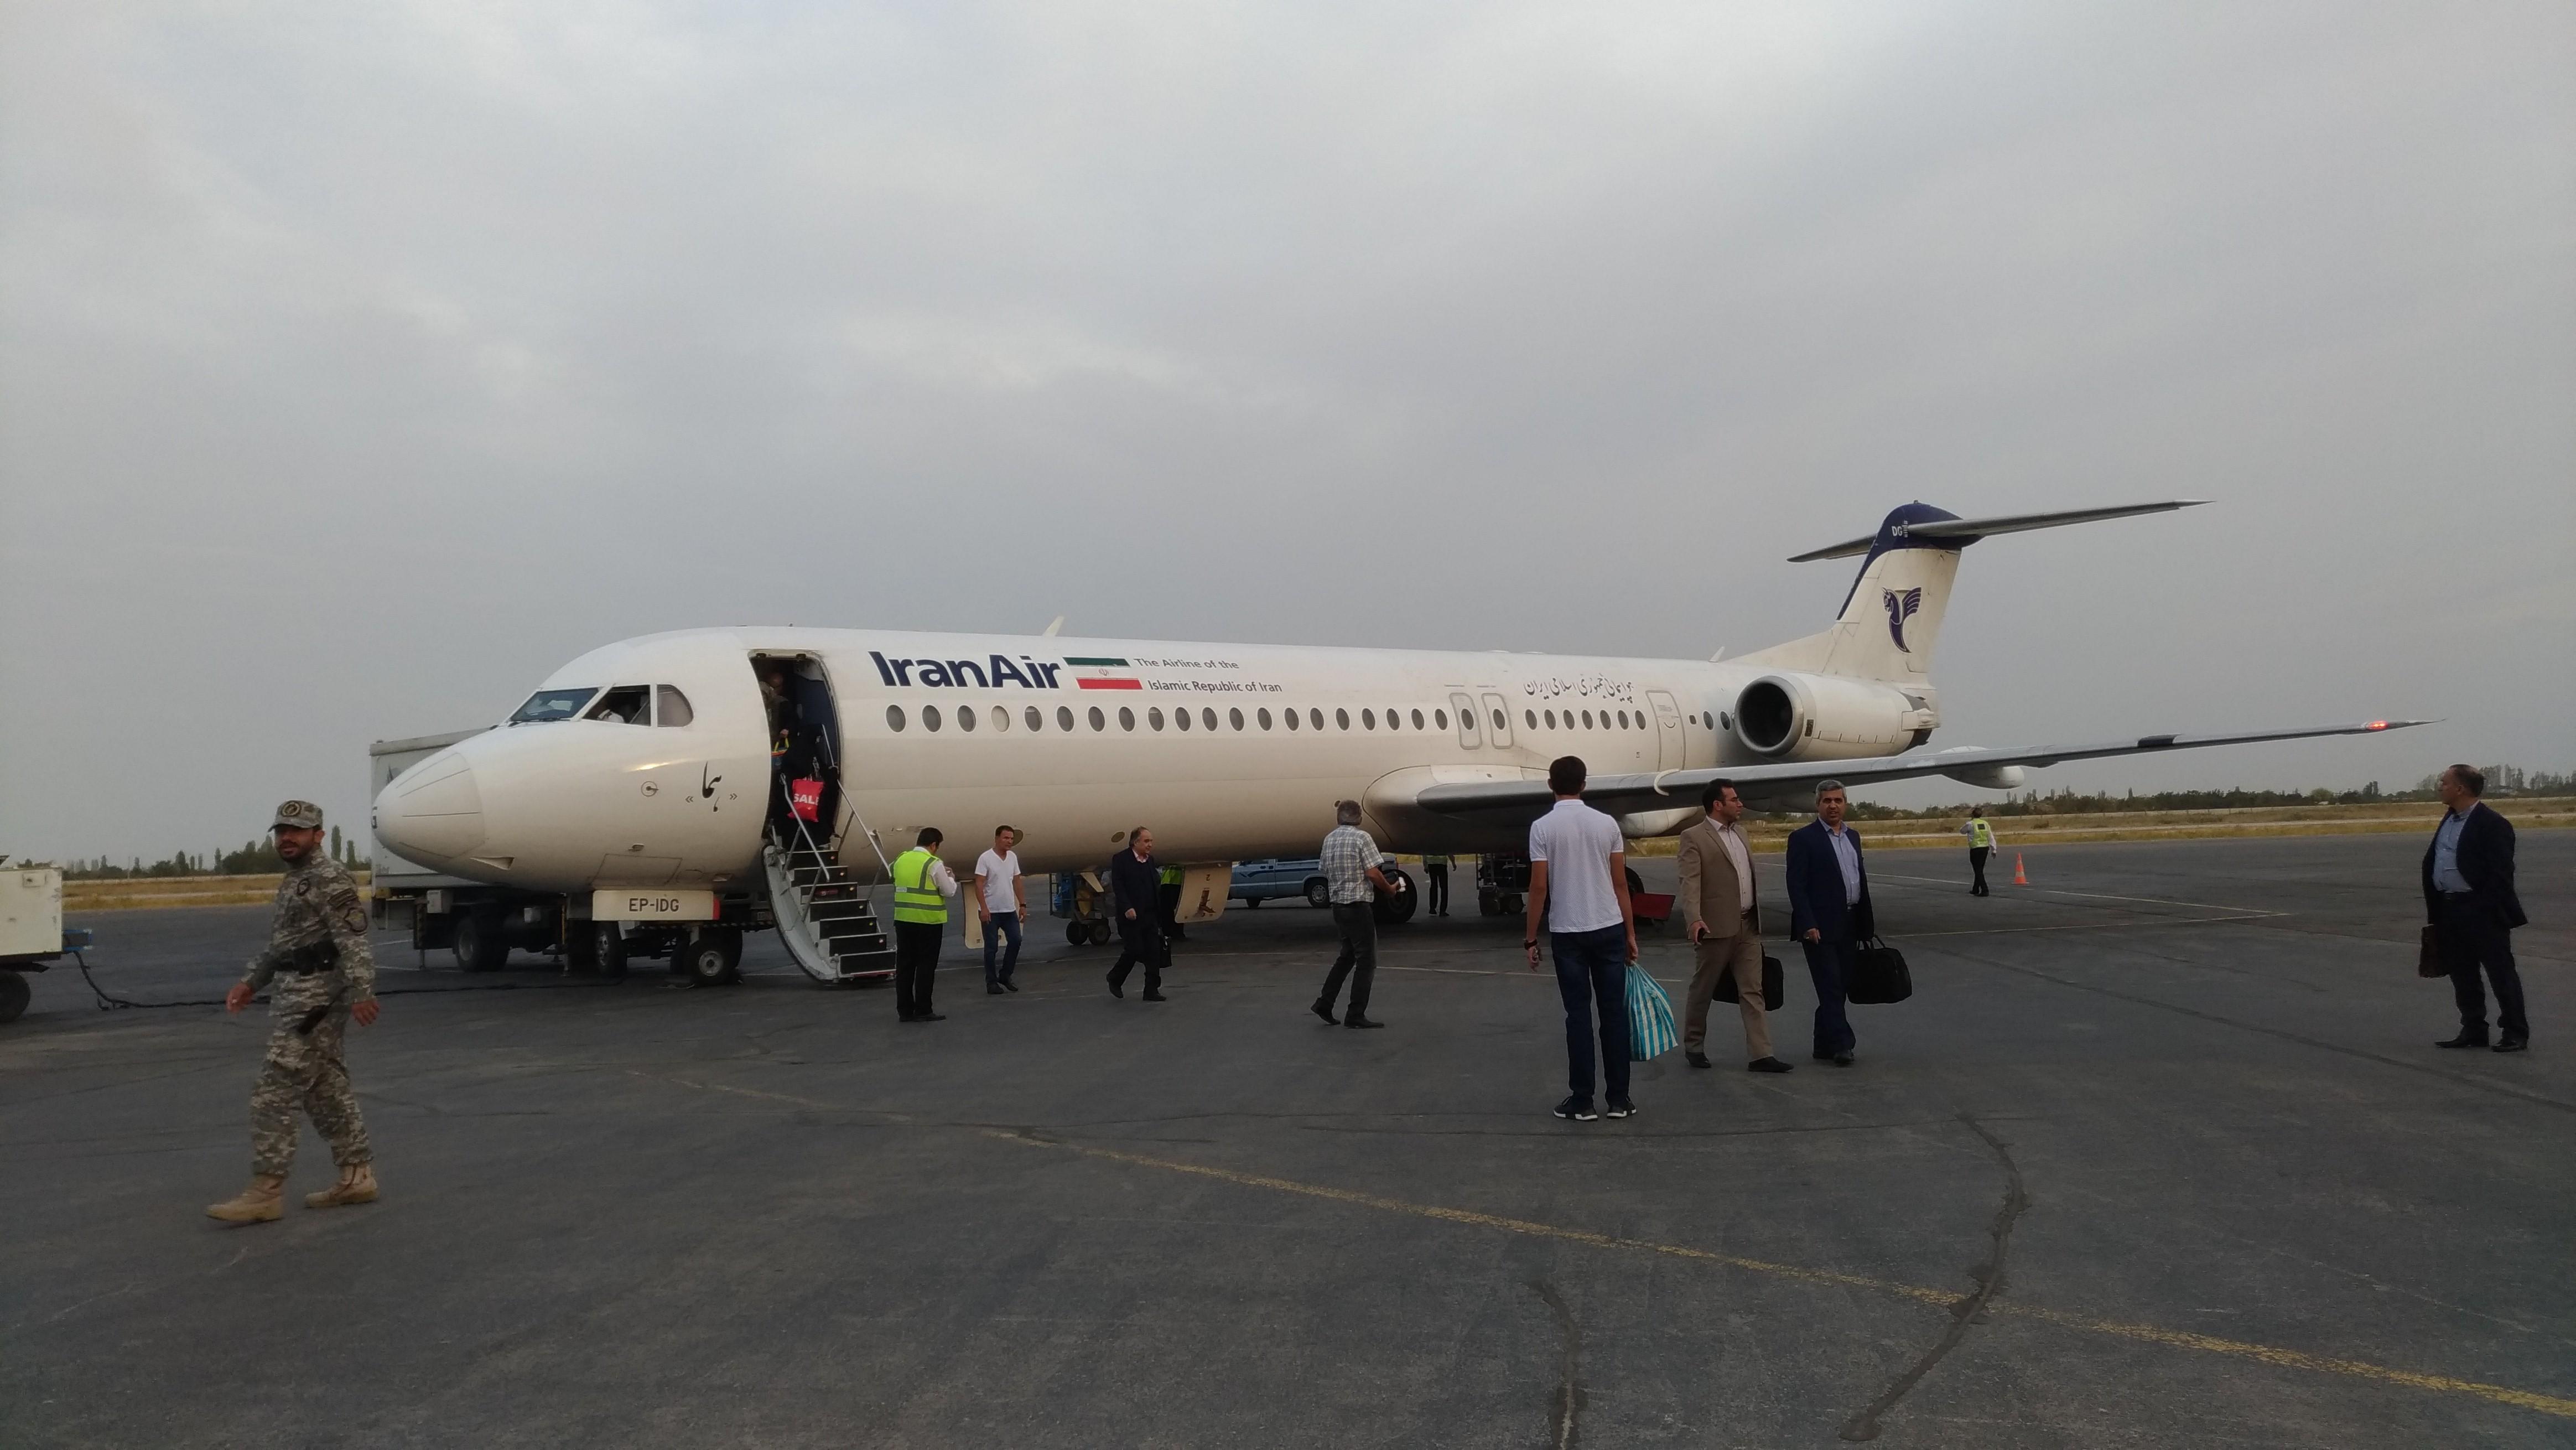 Arriving in Urmia